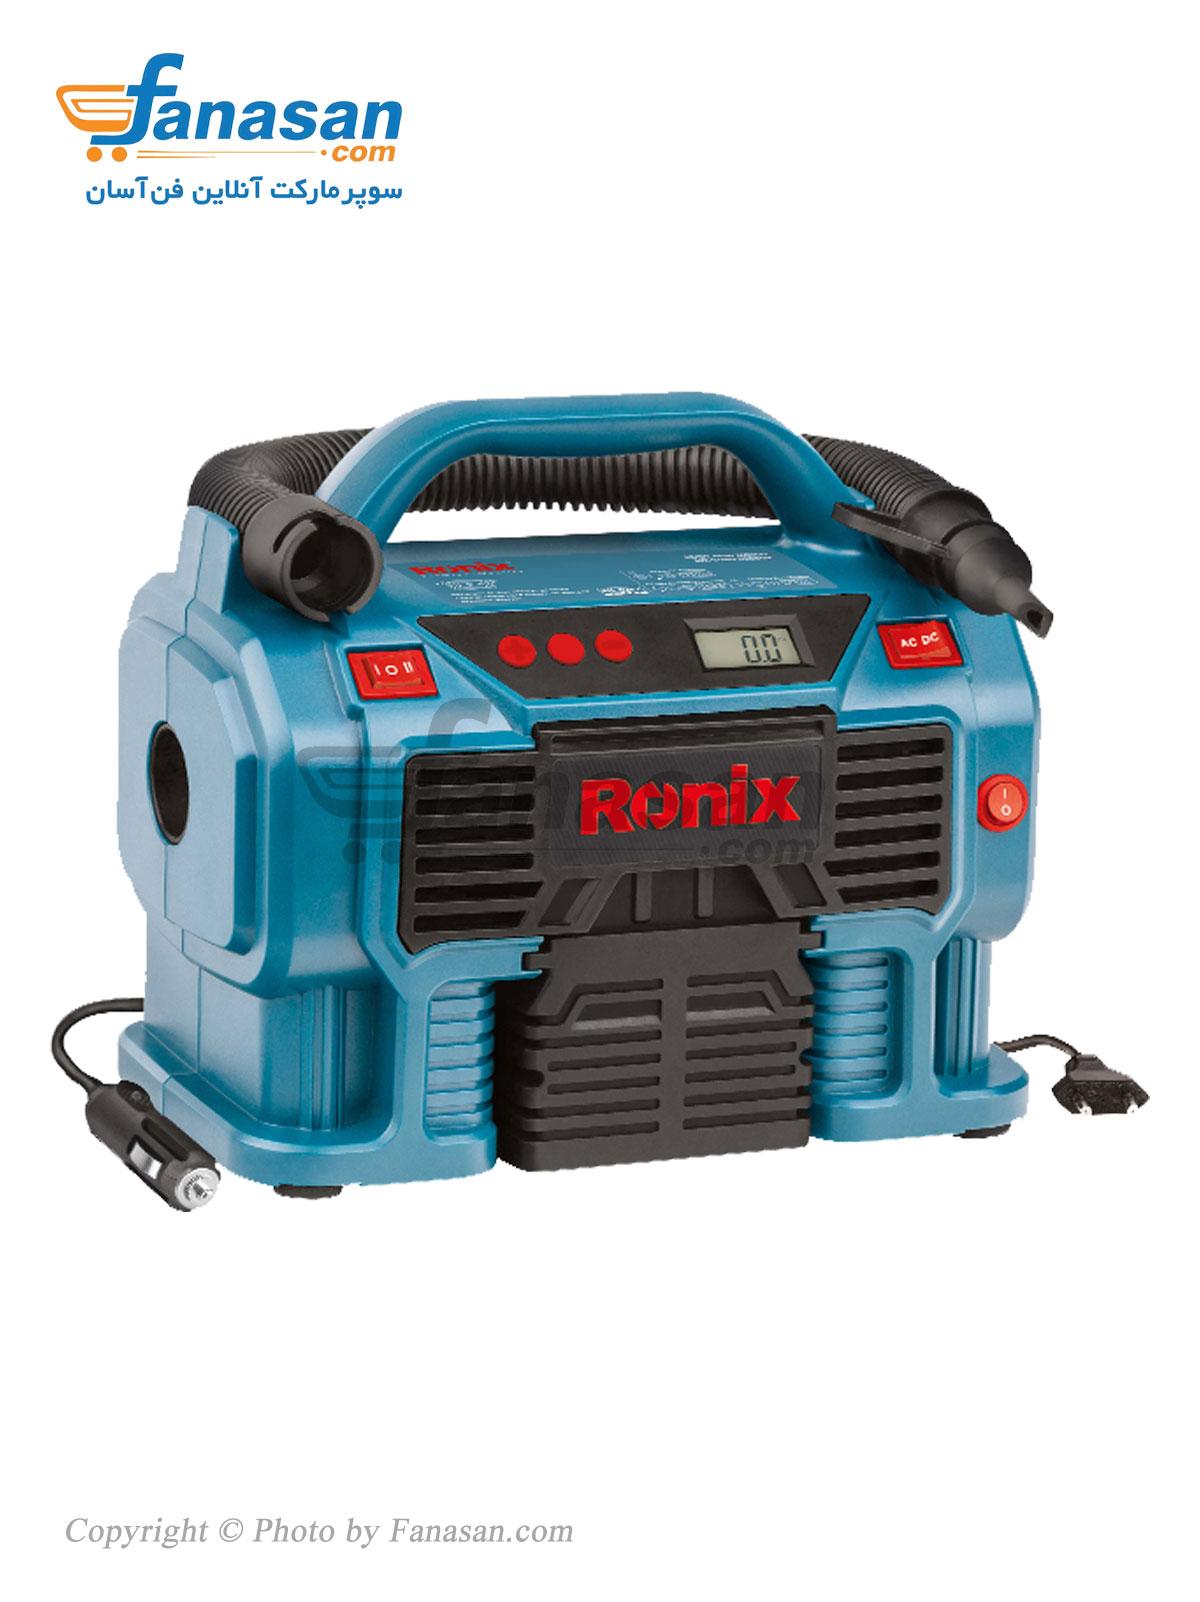 کمپرسور باد فندکی رونیکس مدل RH-4261